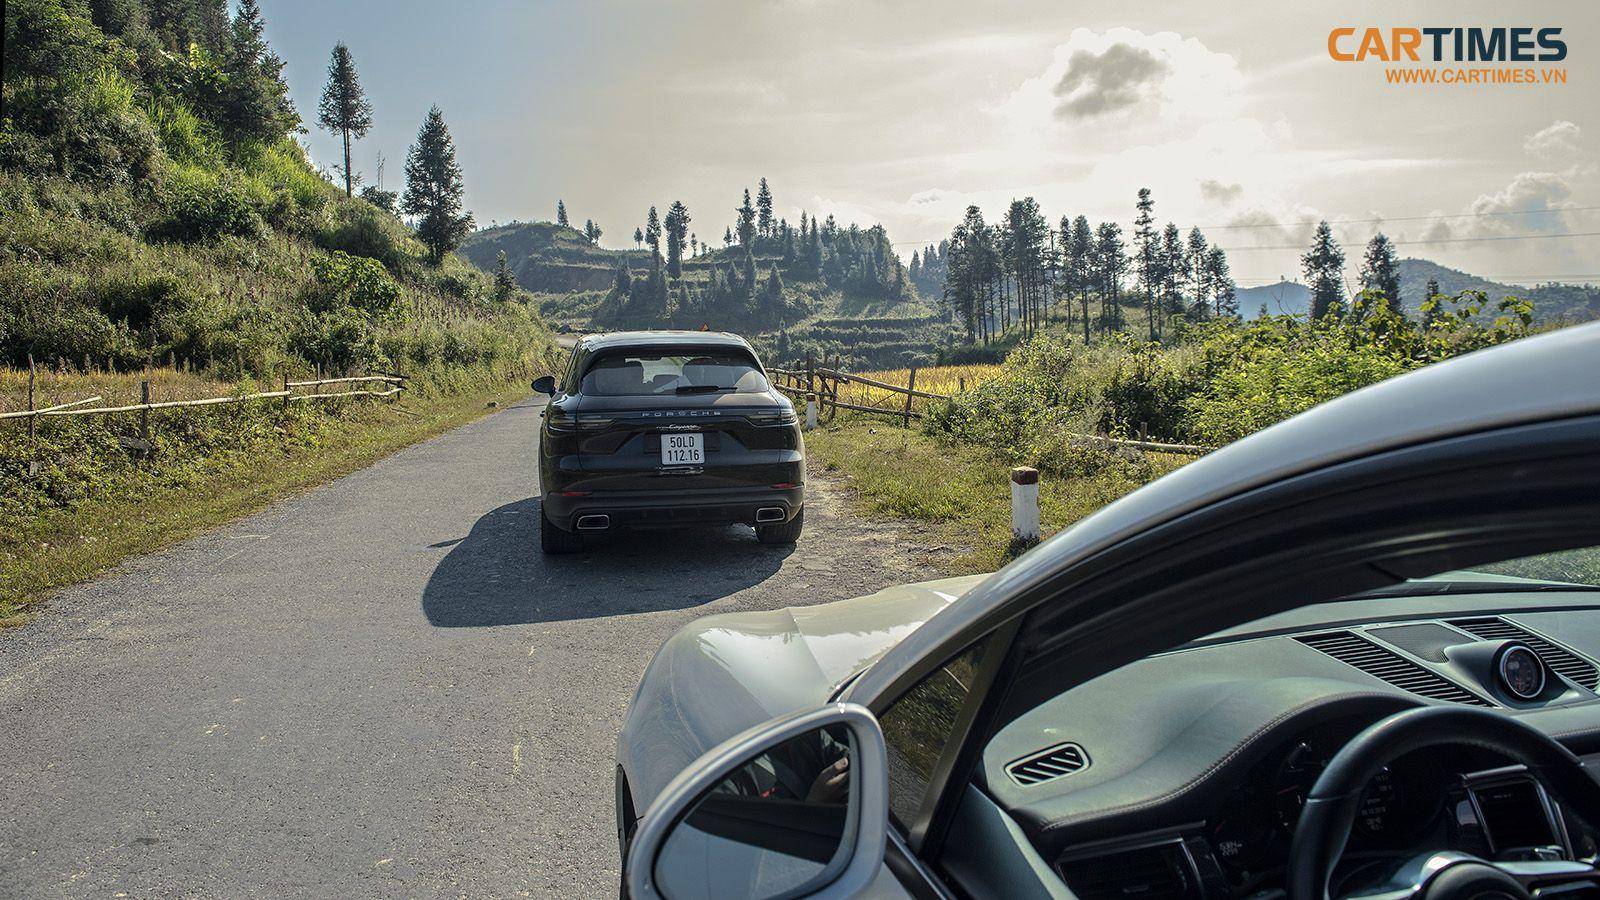 Porsche Cayenne và hành trình tìm vàng giữa lưng trời Đông Bắc - Hình 9